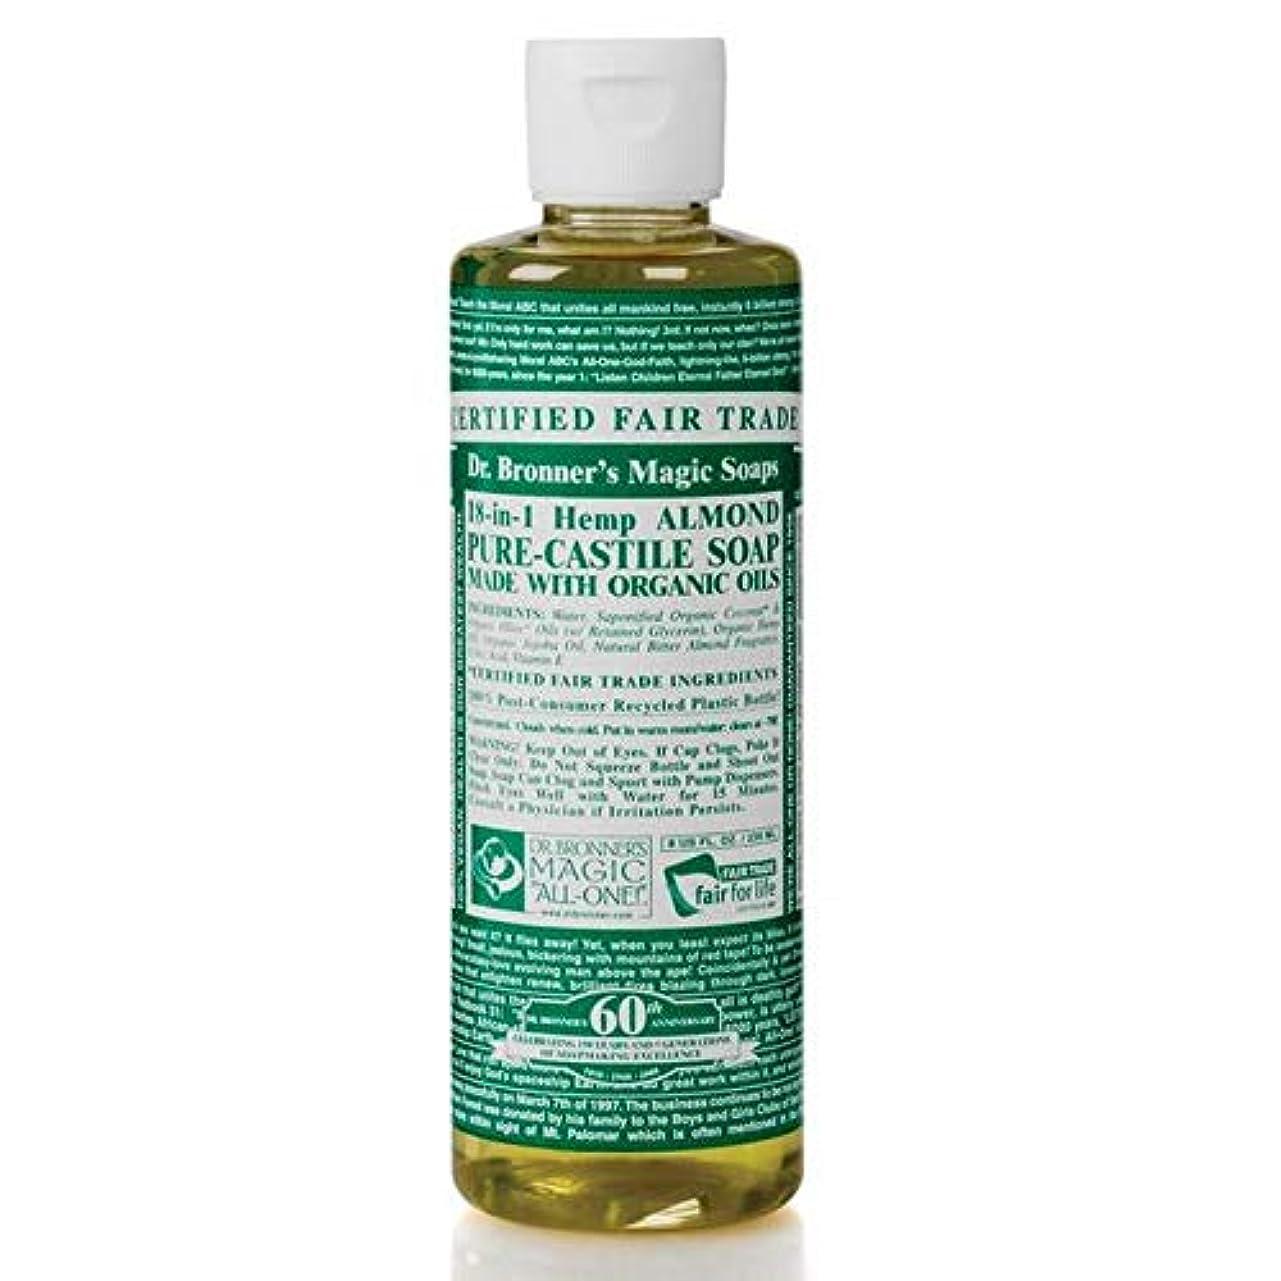 みがきます脱臼するみがきます[Dr Bronner] Dr。ブロナーズ有機アーモンドカスティーリャ液体石鹸473ミリリットル - Dr. Bronner's Organic Almond Castile Liquid Soap 473ml [並行輸入品]